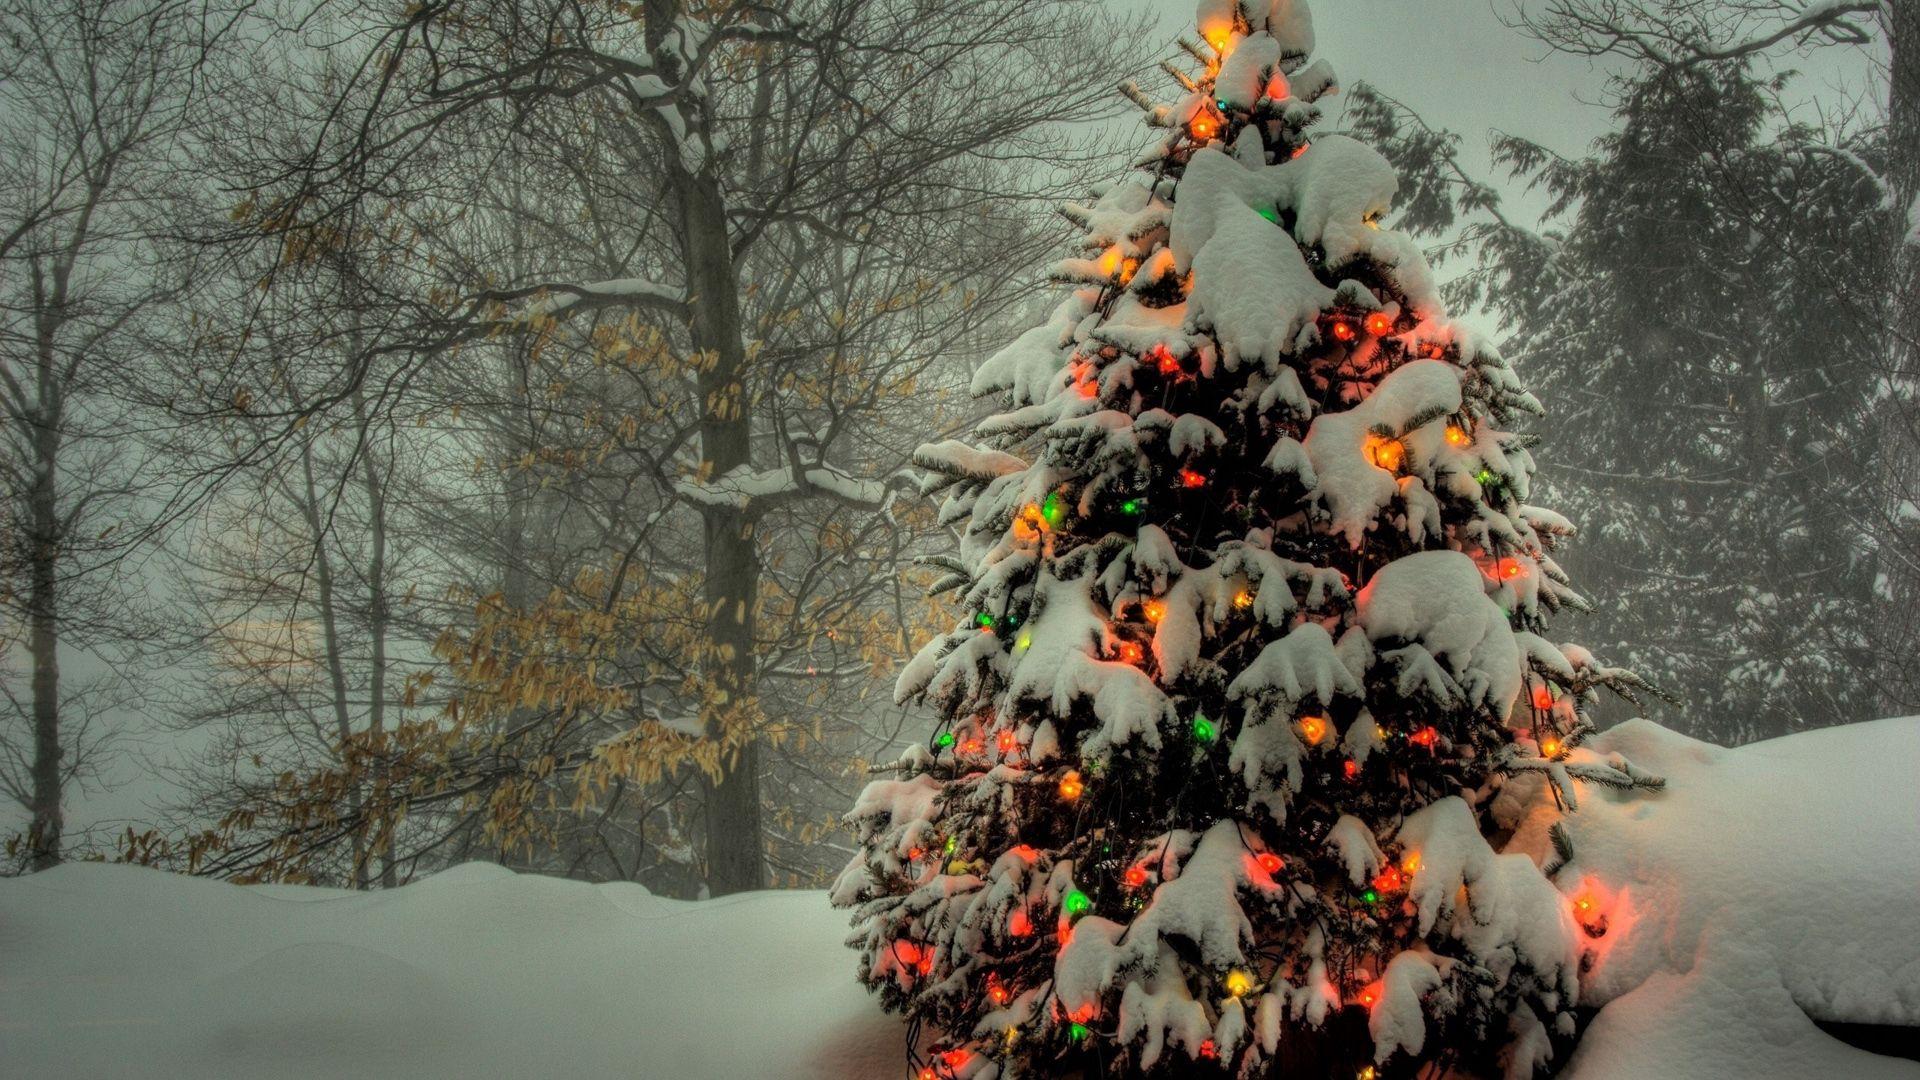 126507 Hintergrundbild herunterladen Feiertage, Spielzeug, Schnee, Scheinen, Licht, Weihnachtsbaum - Bildschirmschoner und Bilder kostenlos